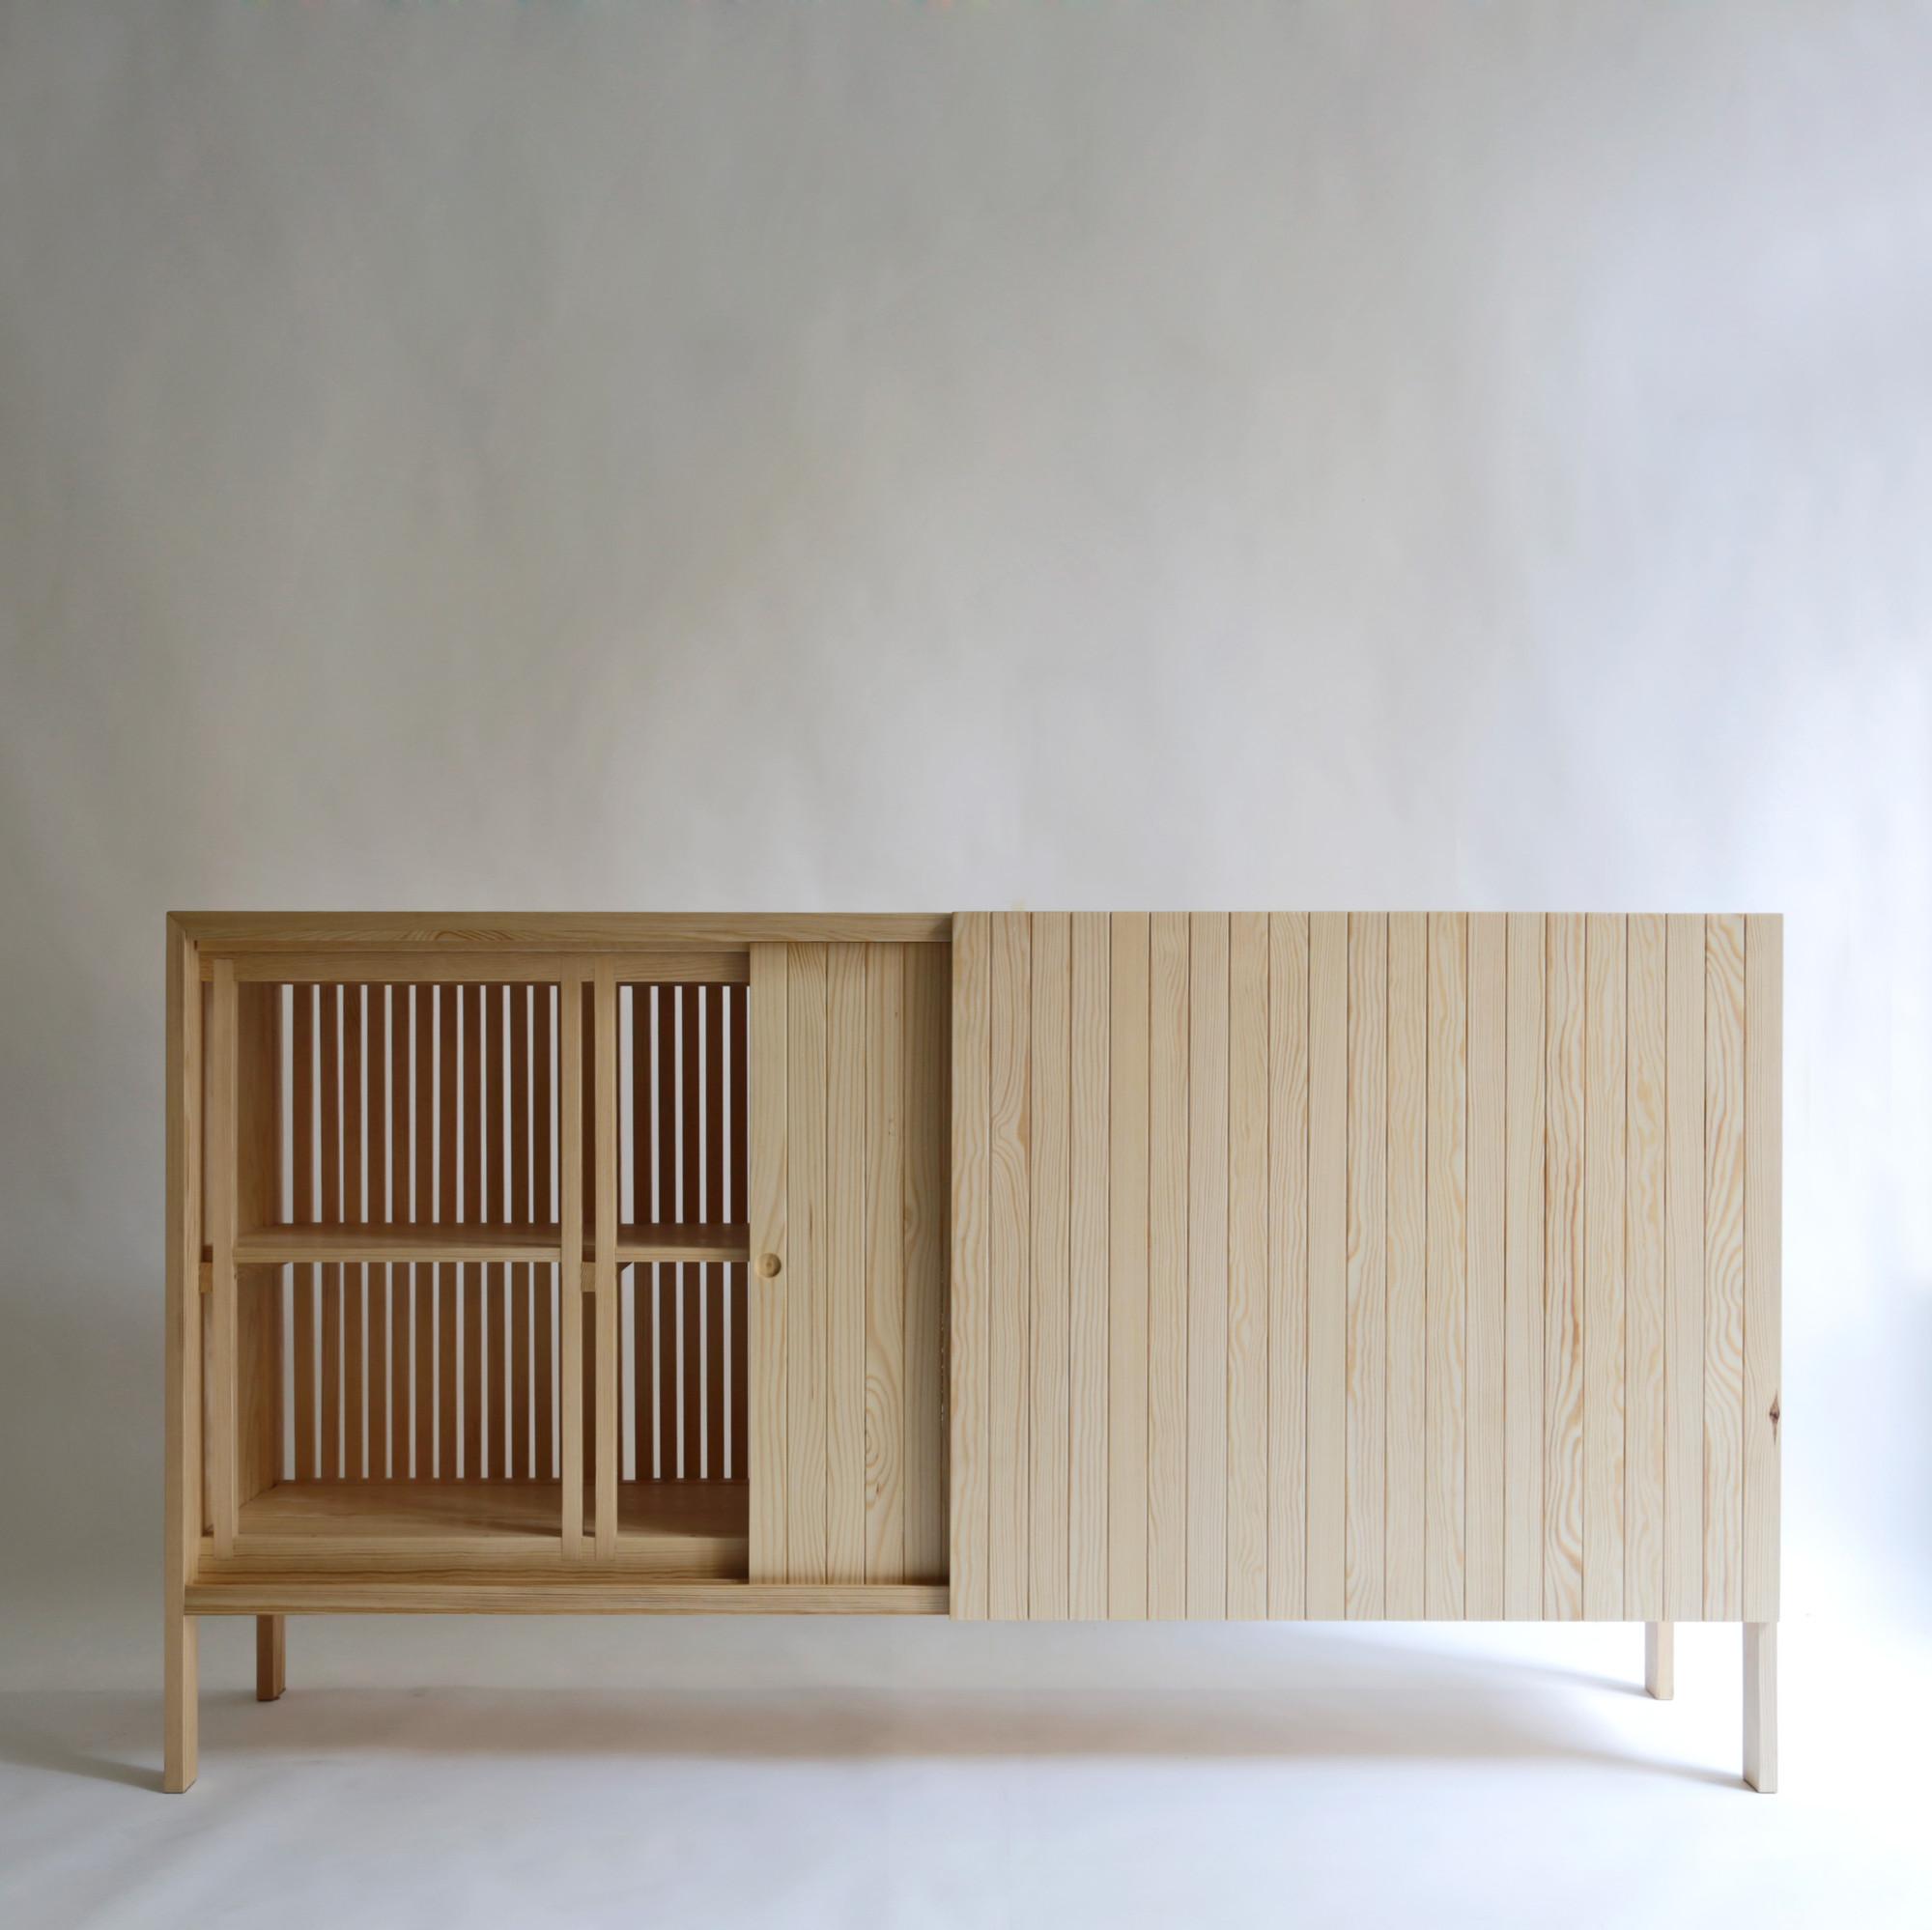 Estante Tag Plataforma Arquitectura # Muebles Fischer